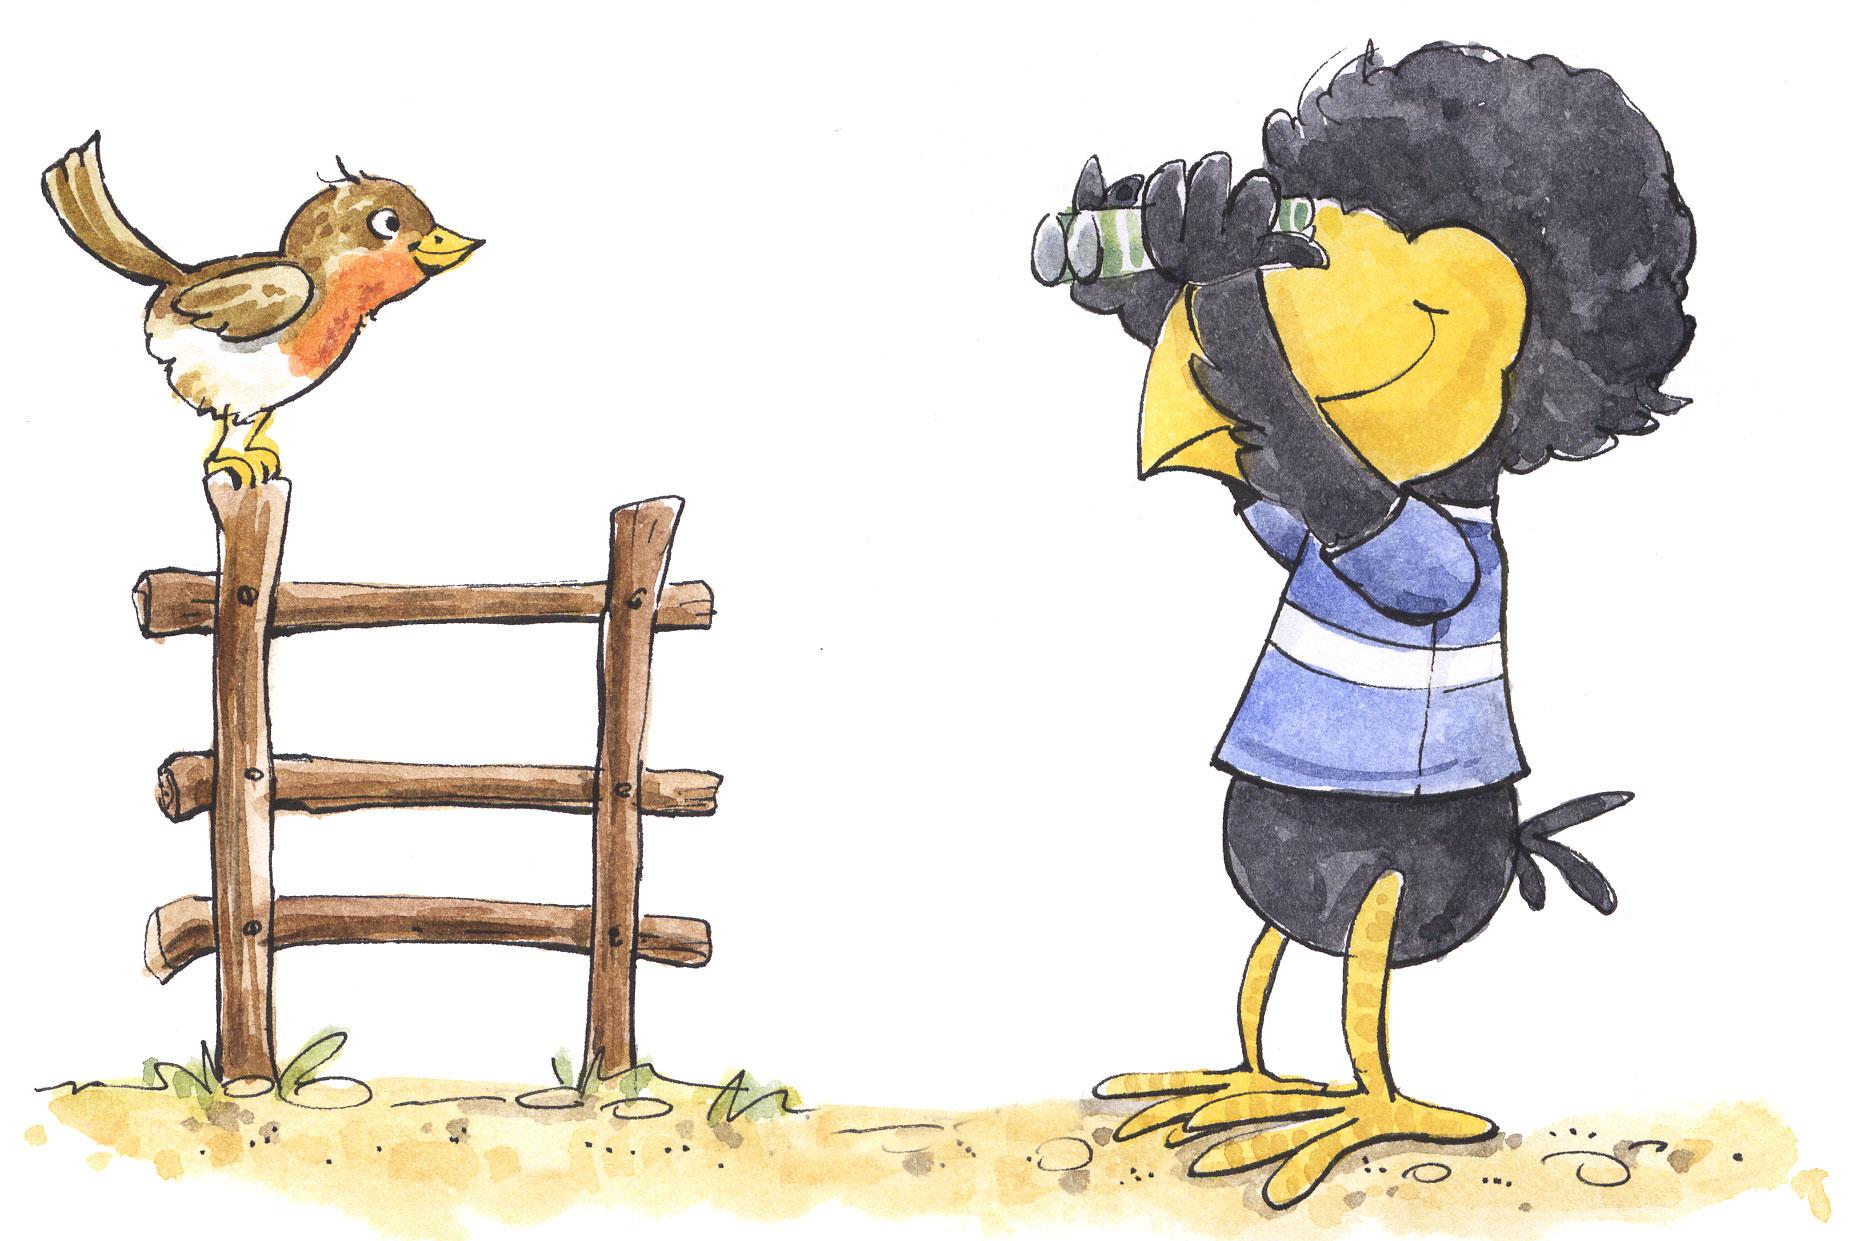 Faszination vogelwelt f r kindertageseinrichtungen lbv for An und verkauf gebrauchtmobel